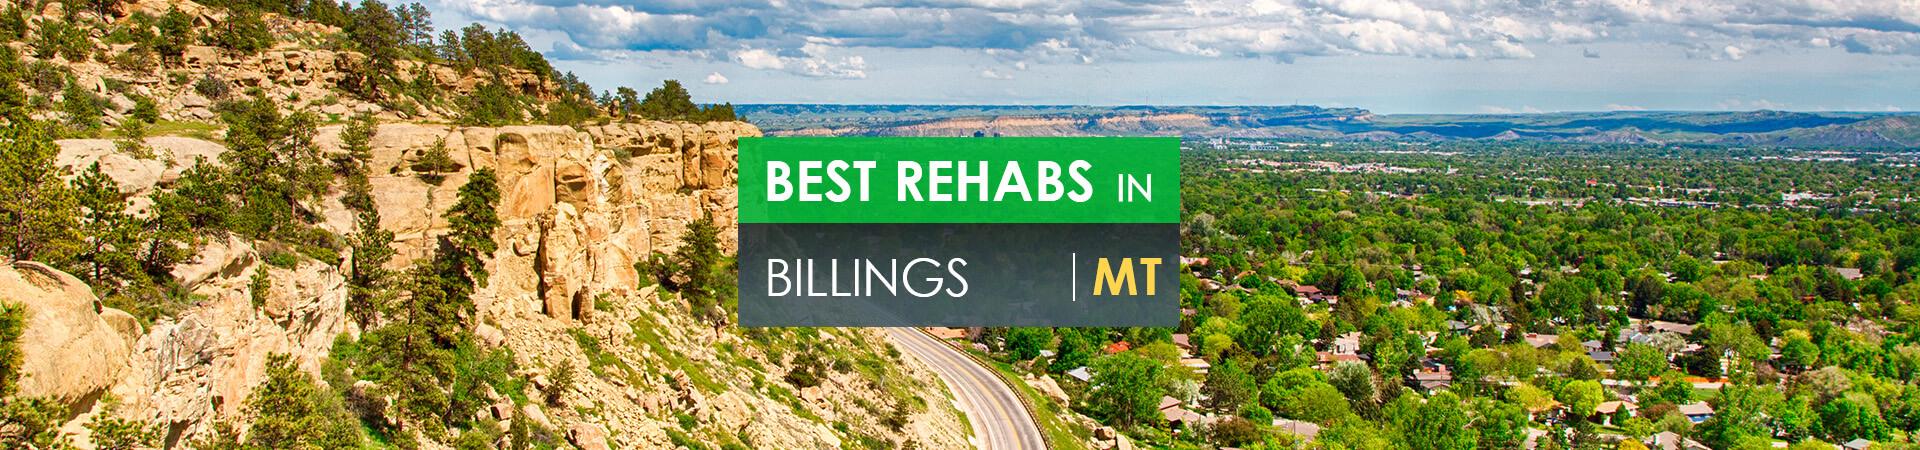 Best rehabs in Billings, MT